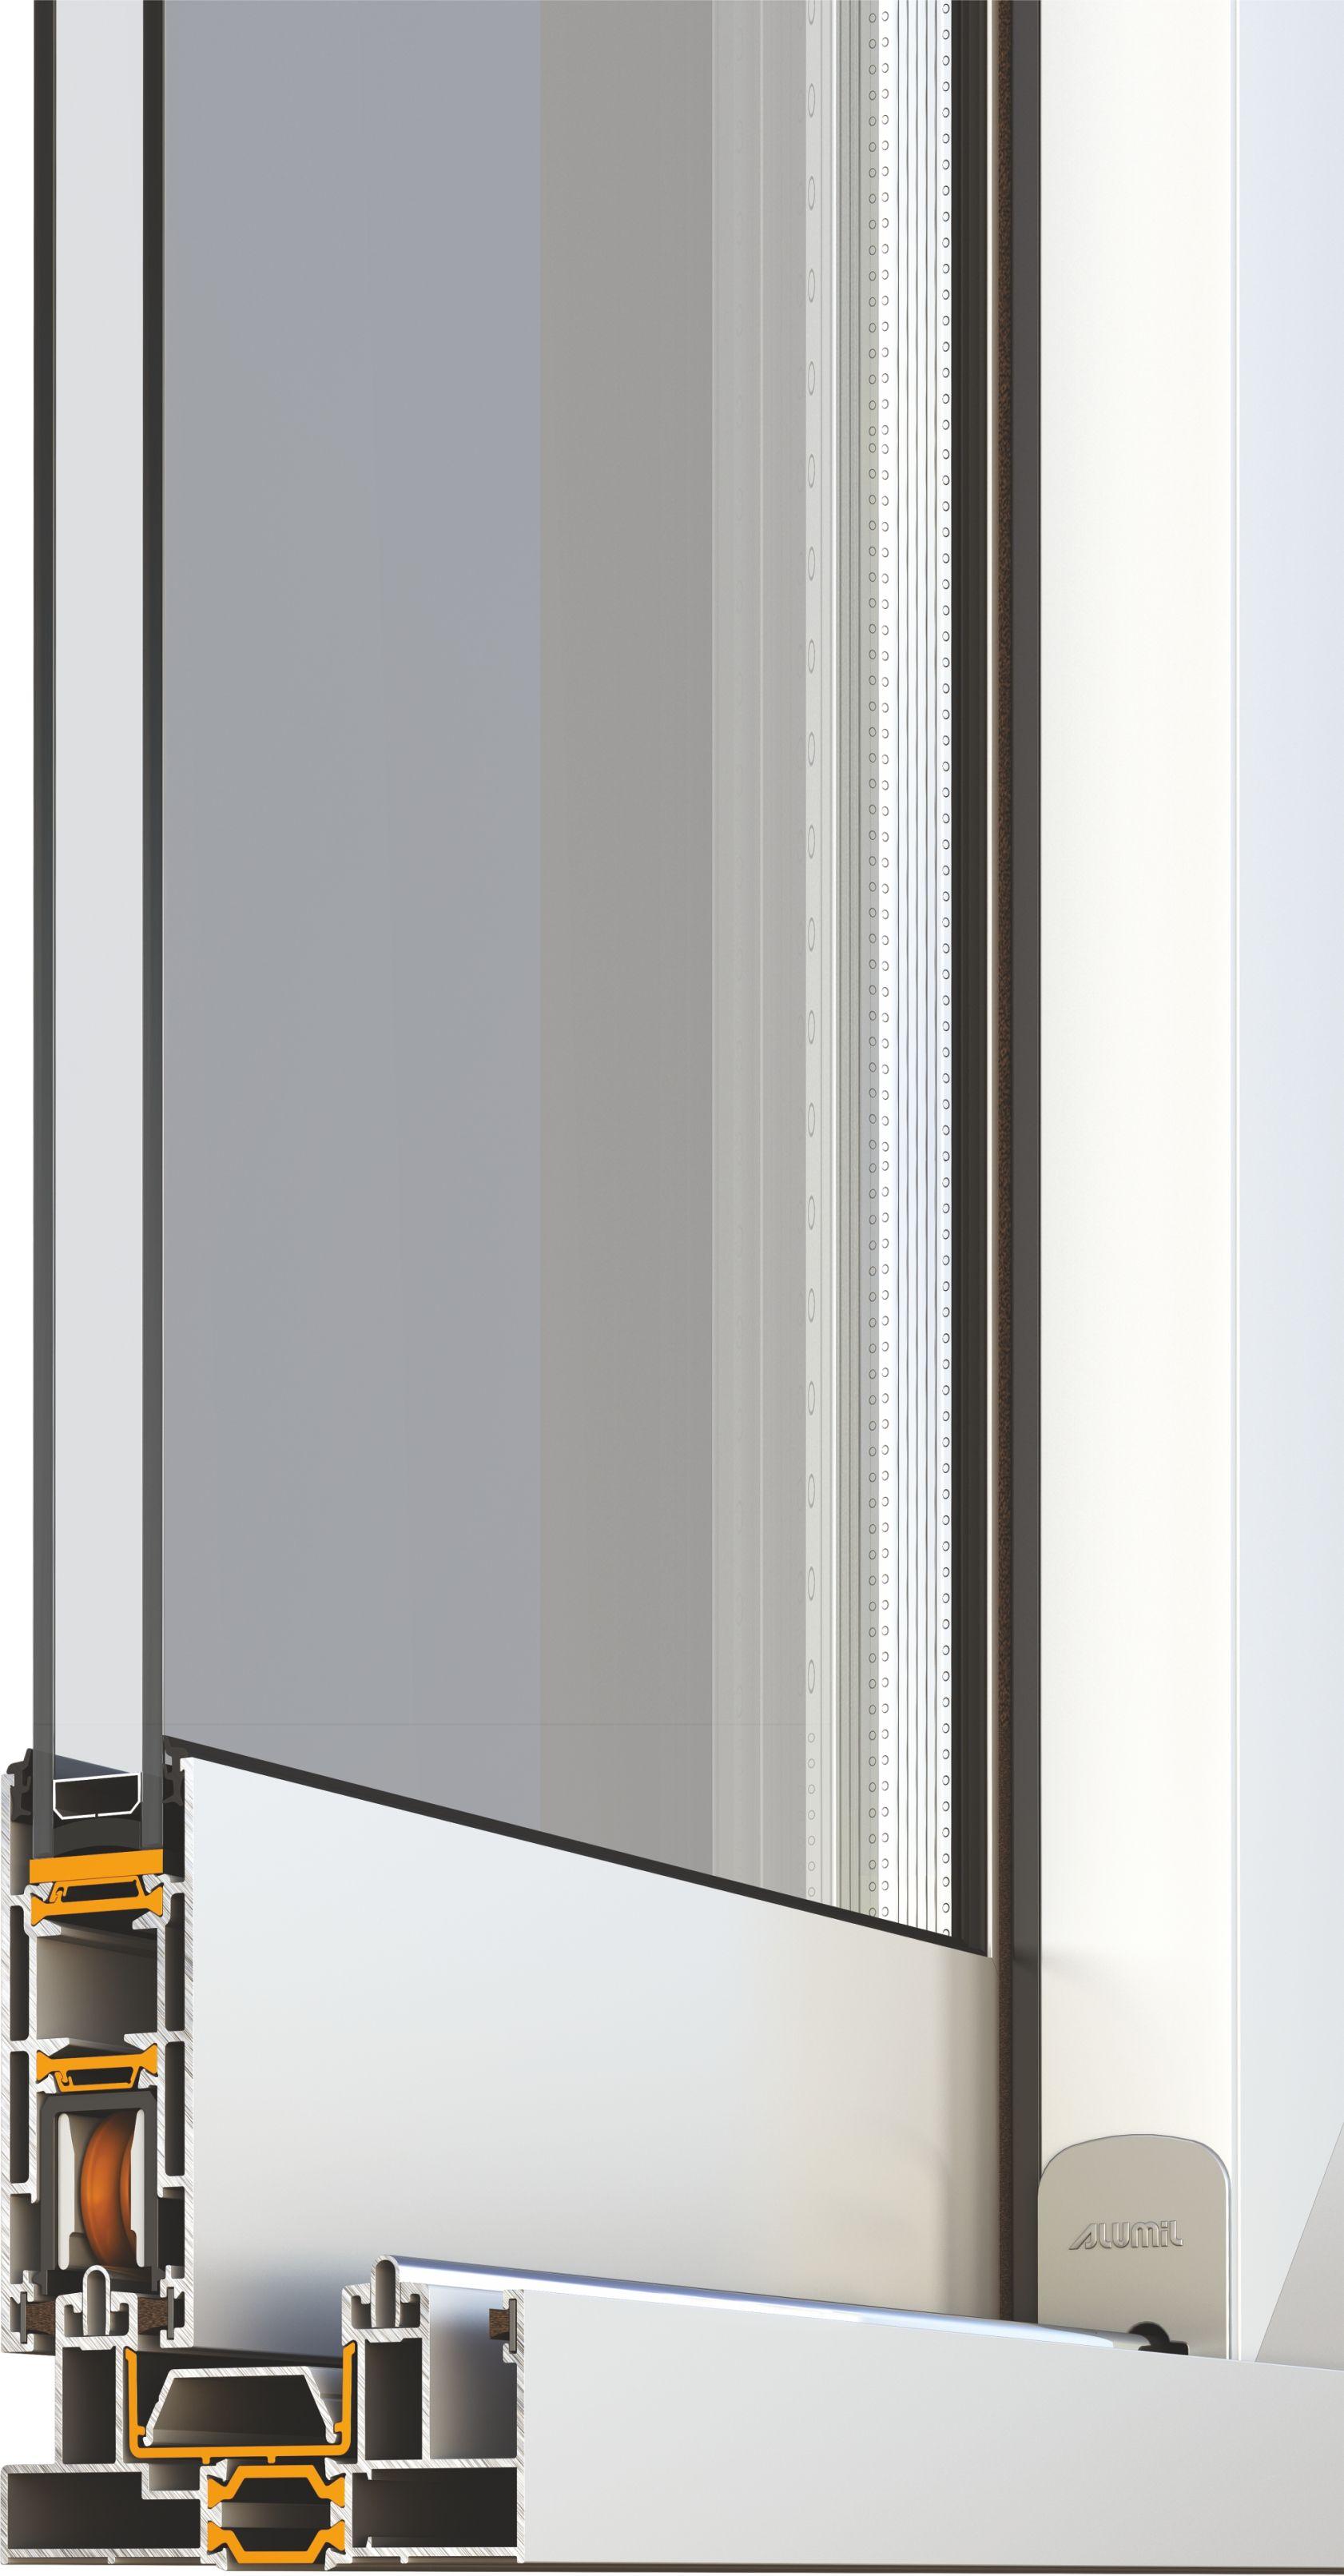 Porta finestra scorrevole smartia s350 collezione smartia - Porta finestra scorrevole esterna ...